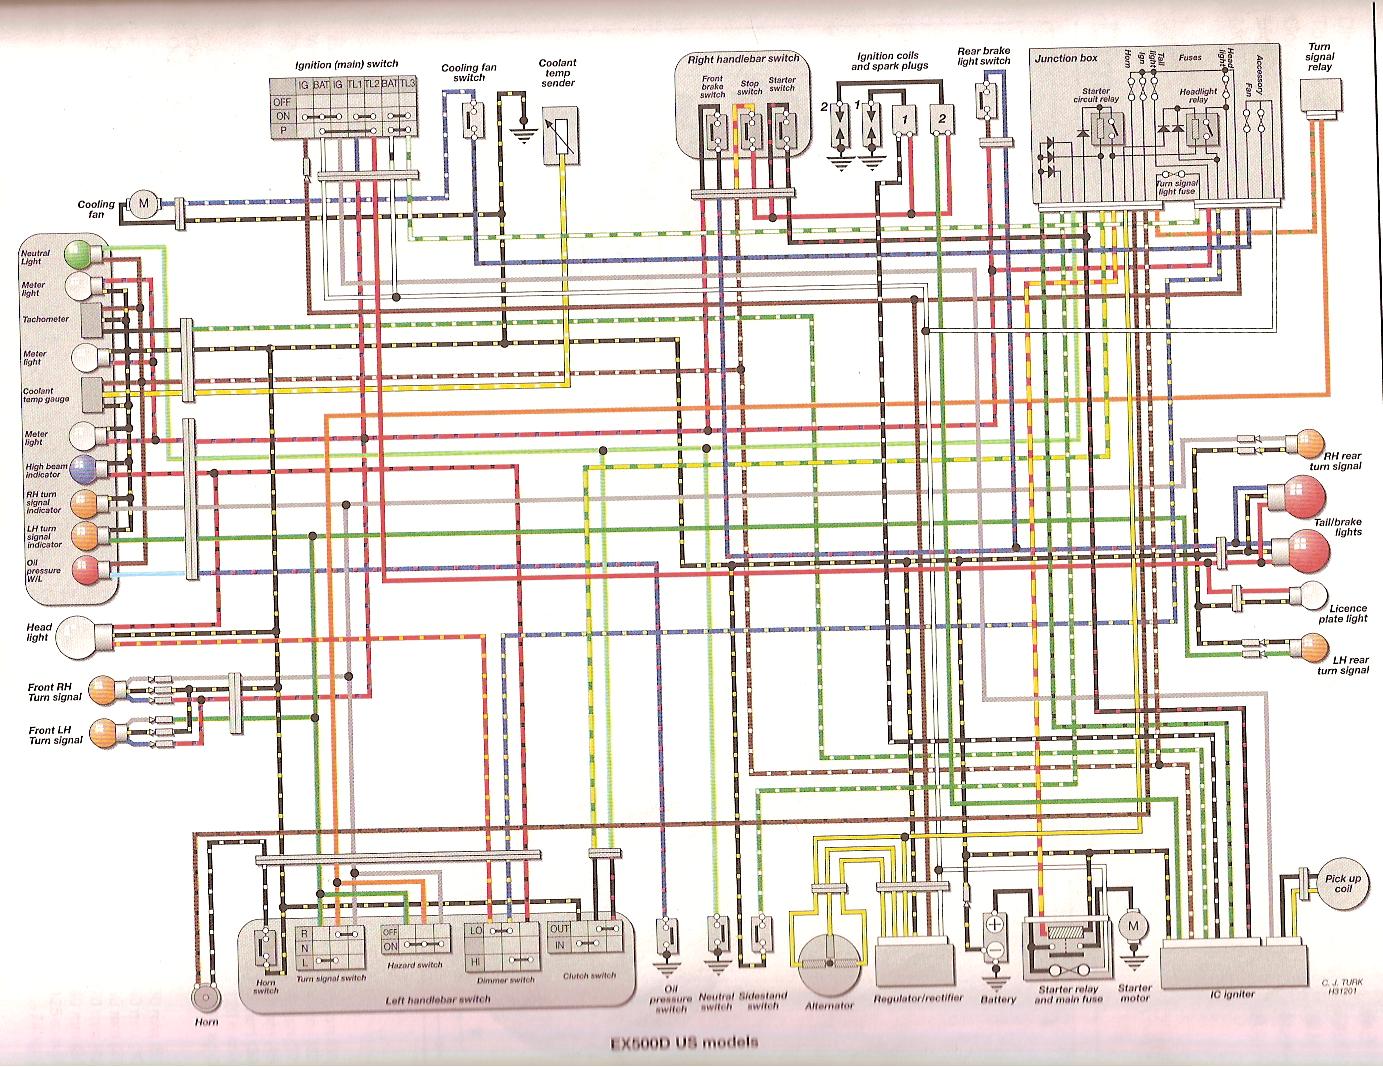 kawasaki ex500 wiring diagram - wiring diagram schematic wide-format -  wide-format.aliceviola.it  alice viola